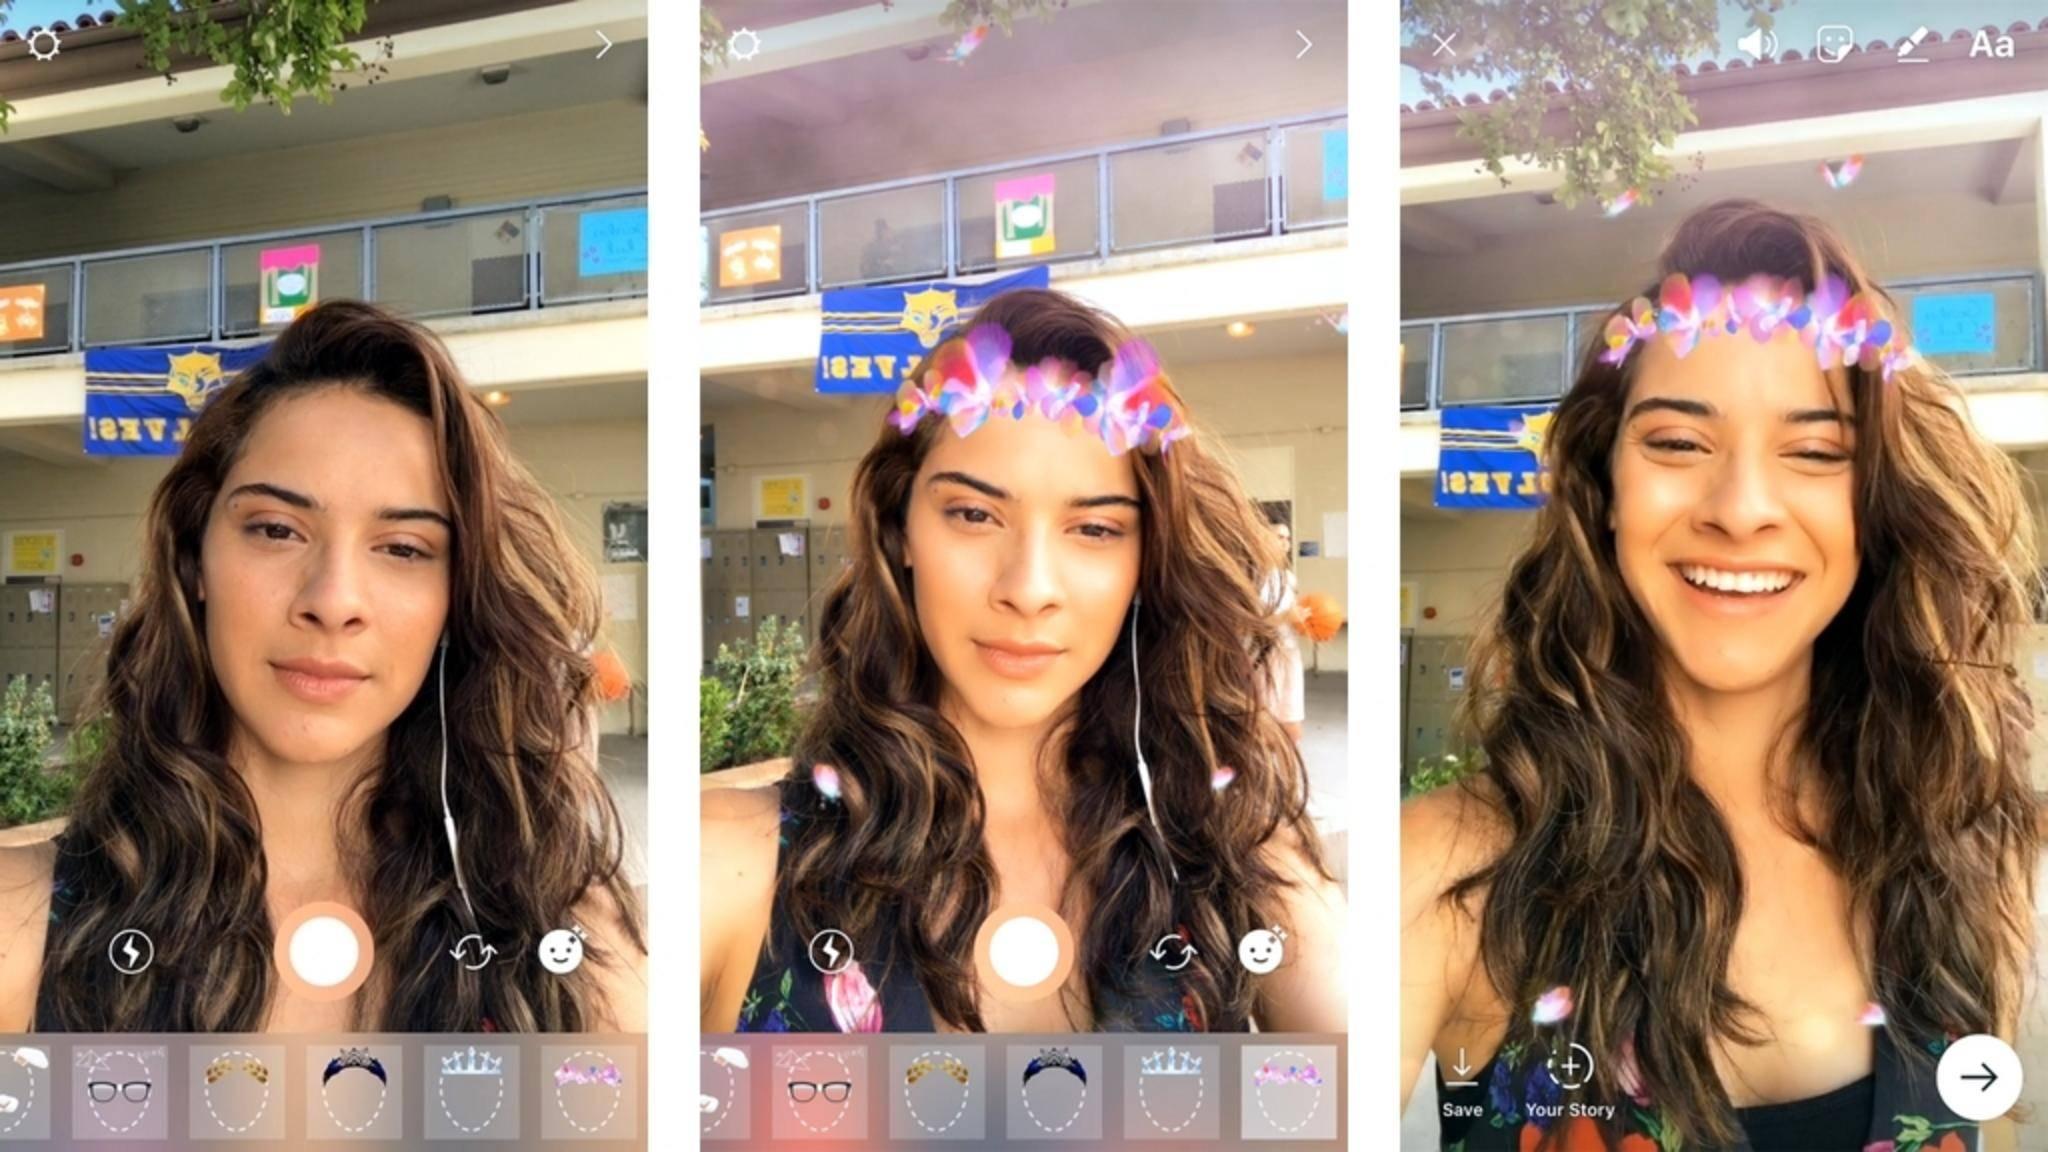 Die Selfie-Filter von Instagram erinnern stark an Snapchat.